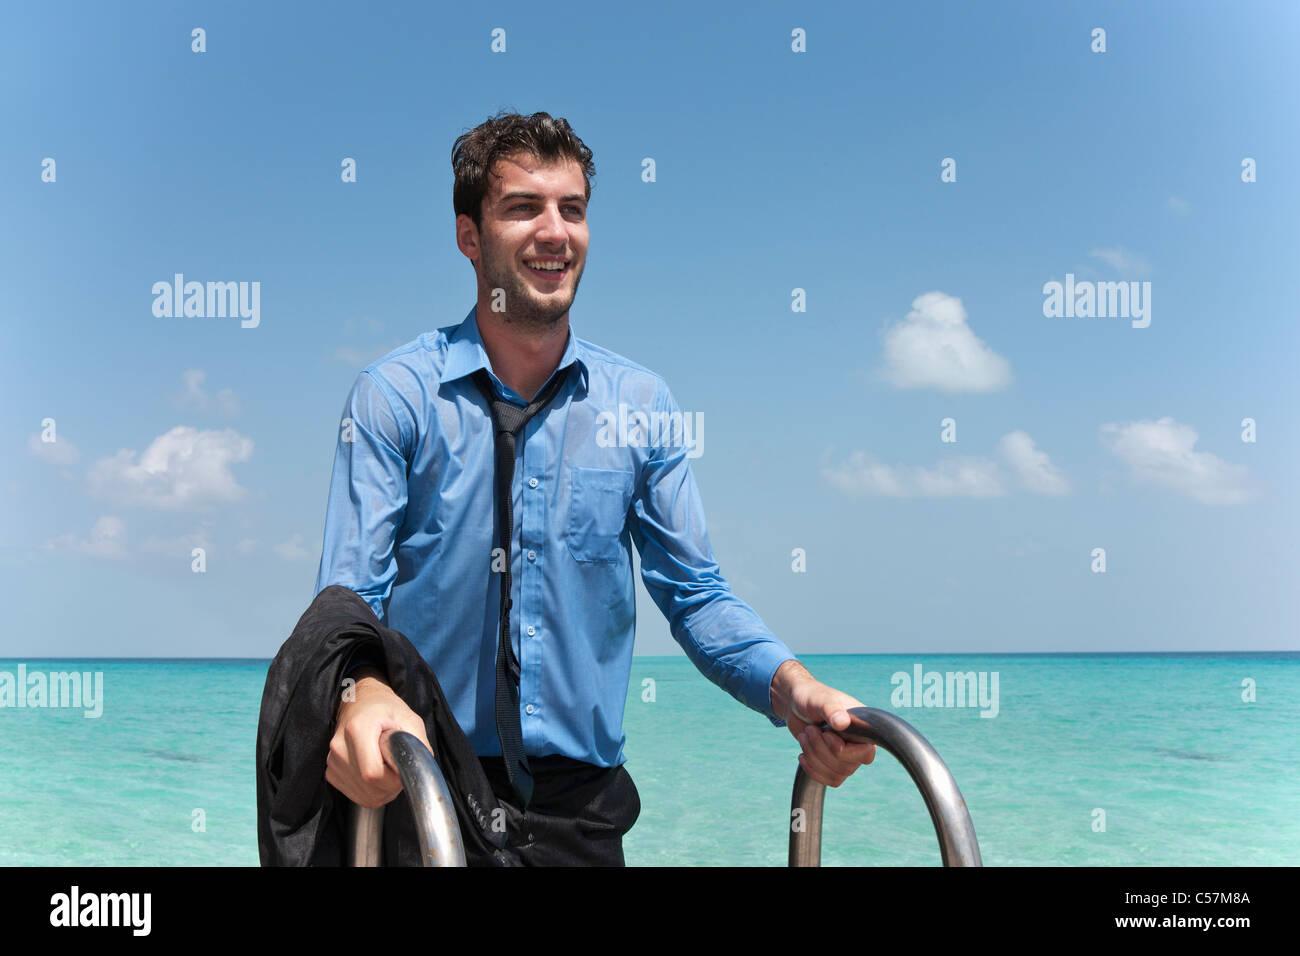 Imprenditore in vestiti bagnati dock di arrampicata Immagini Stock